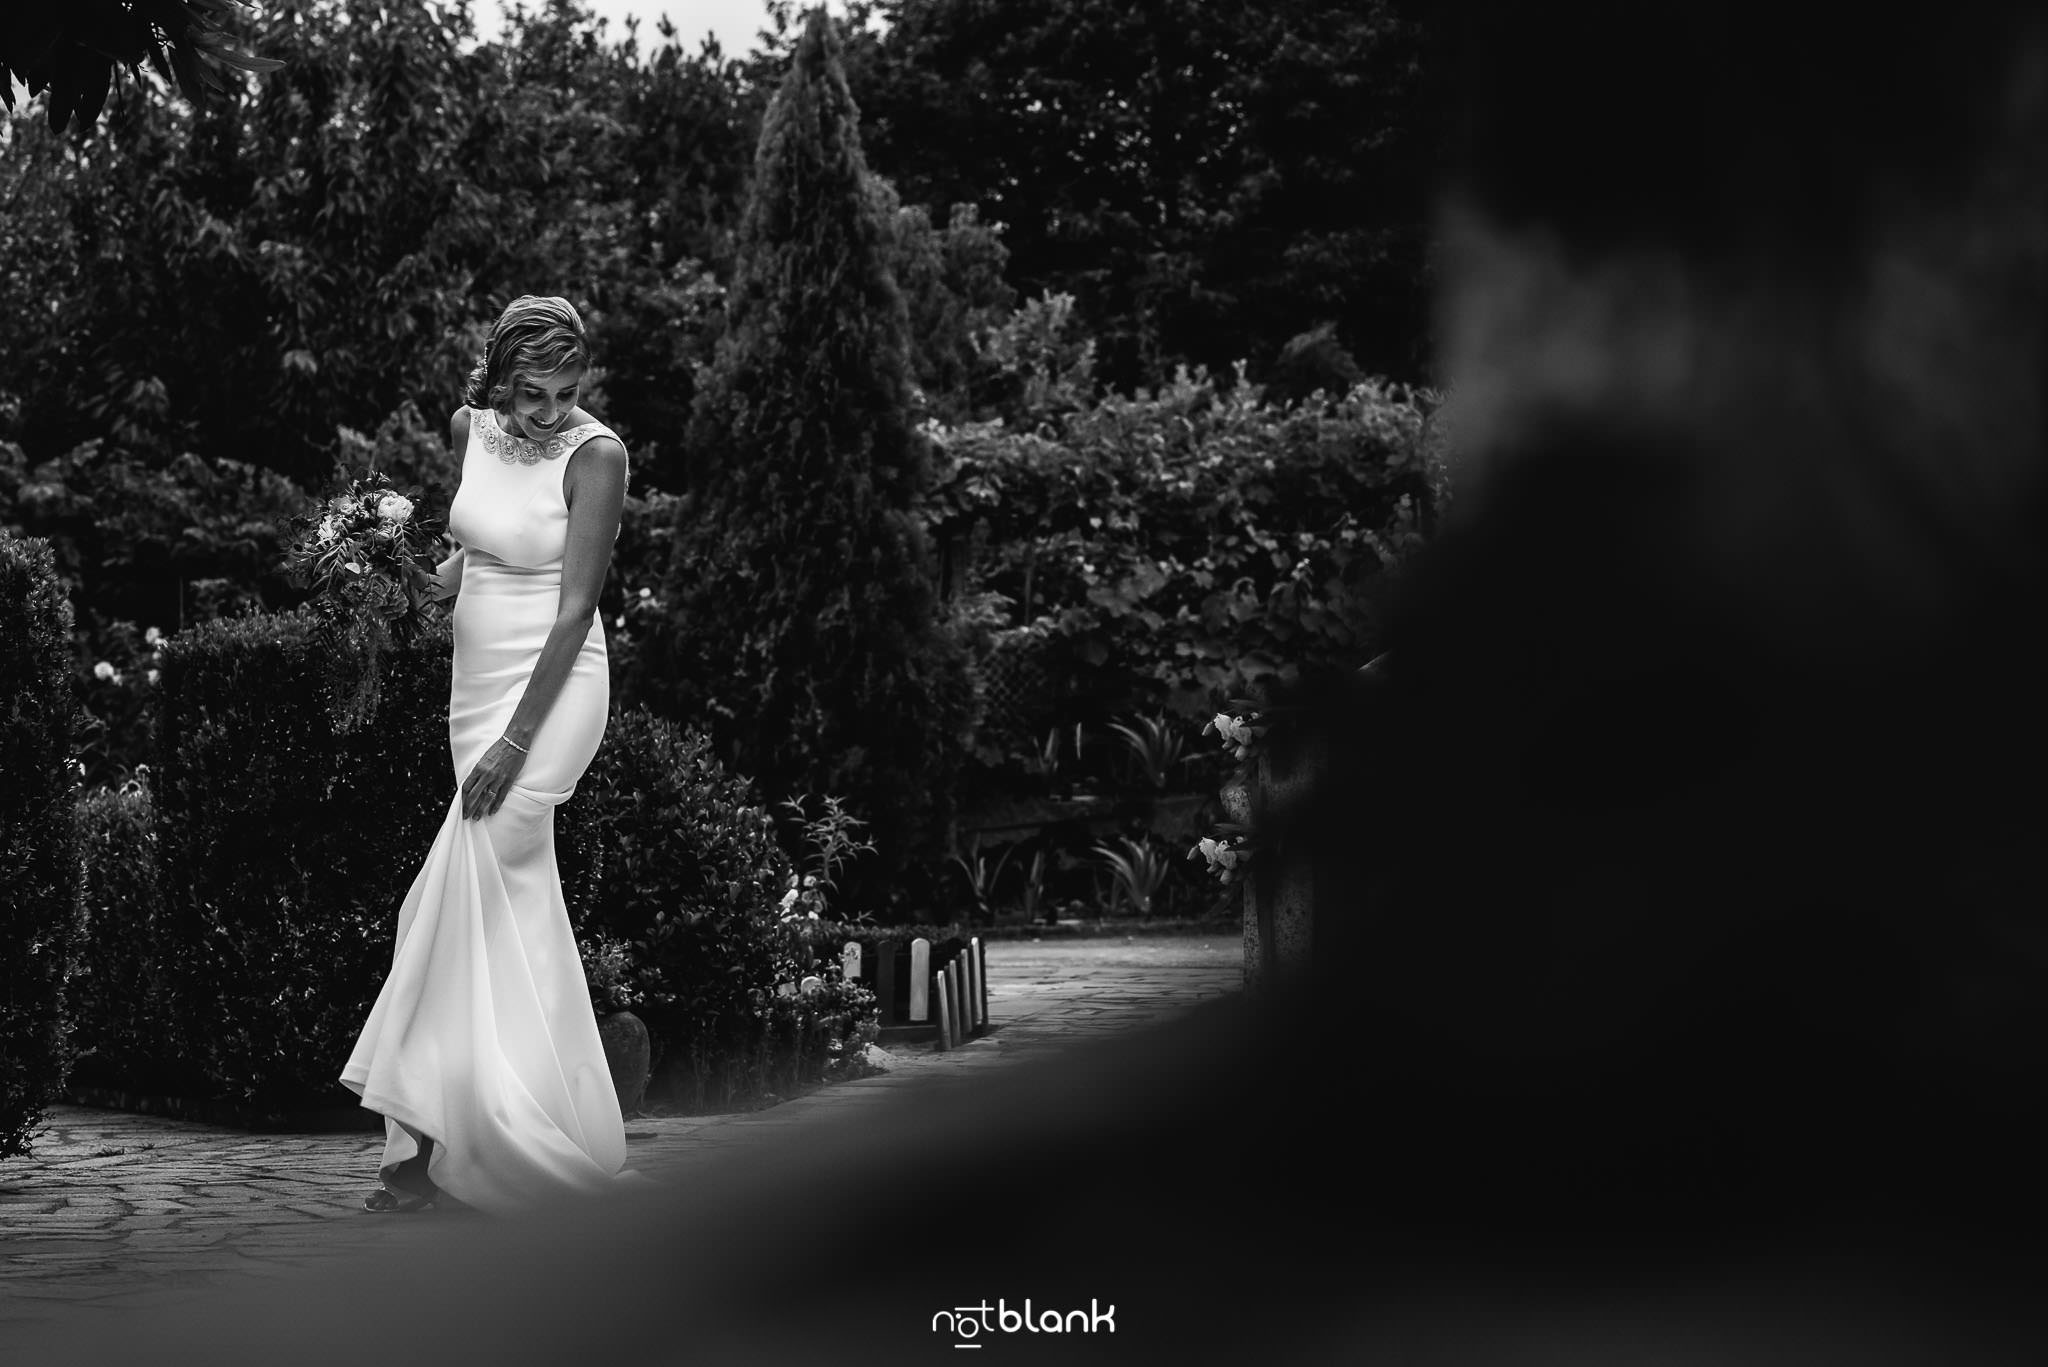 Boda En El Jardin De Casa Jana y Fran - La novia se mira los zapatos en el jardin antes de la ceremonia civil de su boda - Notblank Fotografos de boda